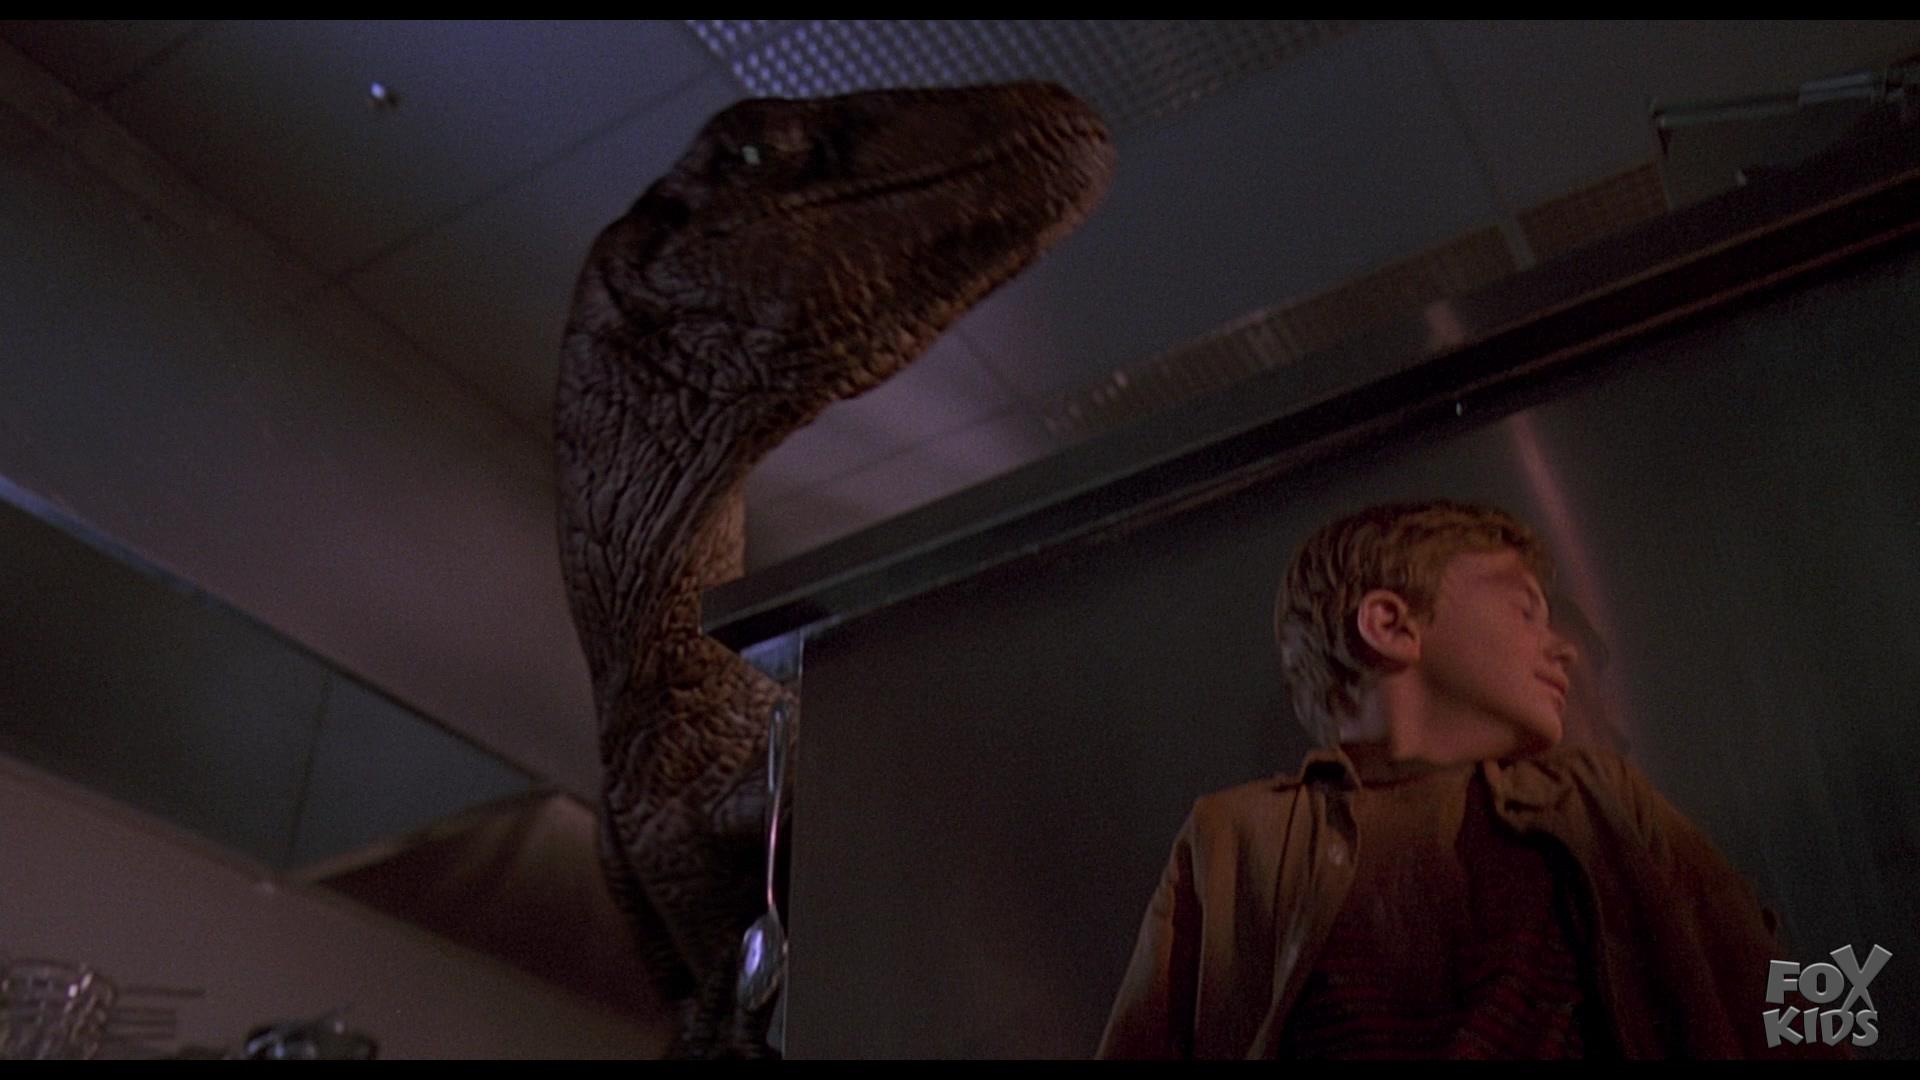 Jurassic Park 1993 On Fox Kids 8 By Gojirafan1994 On Deviantart